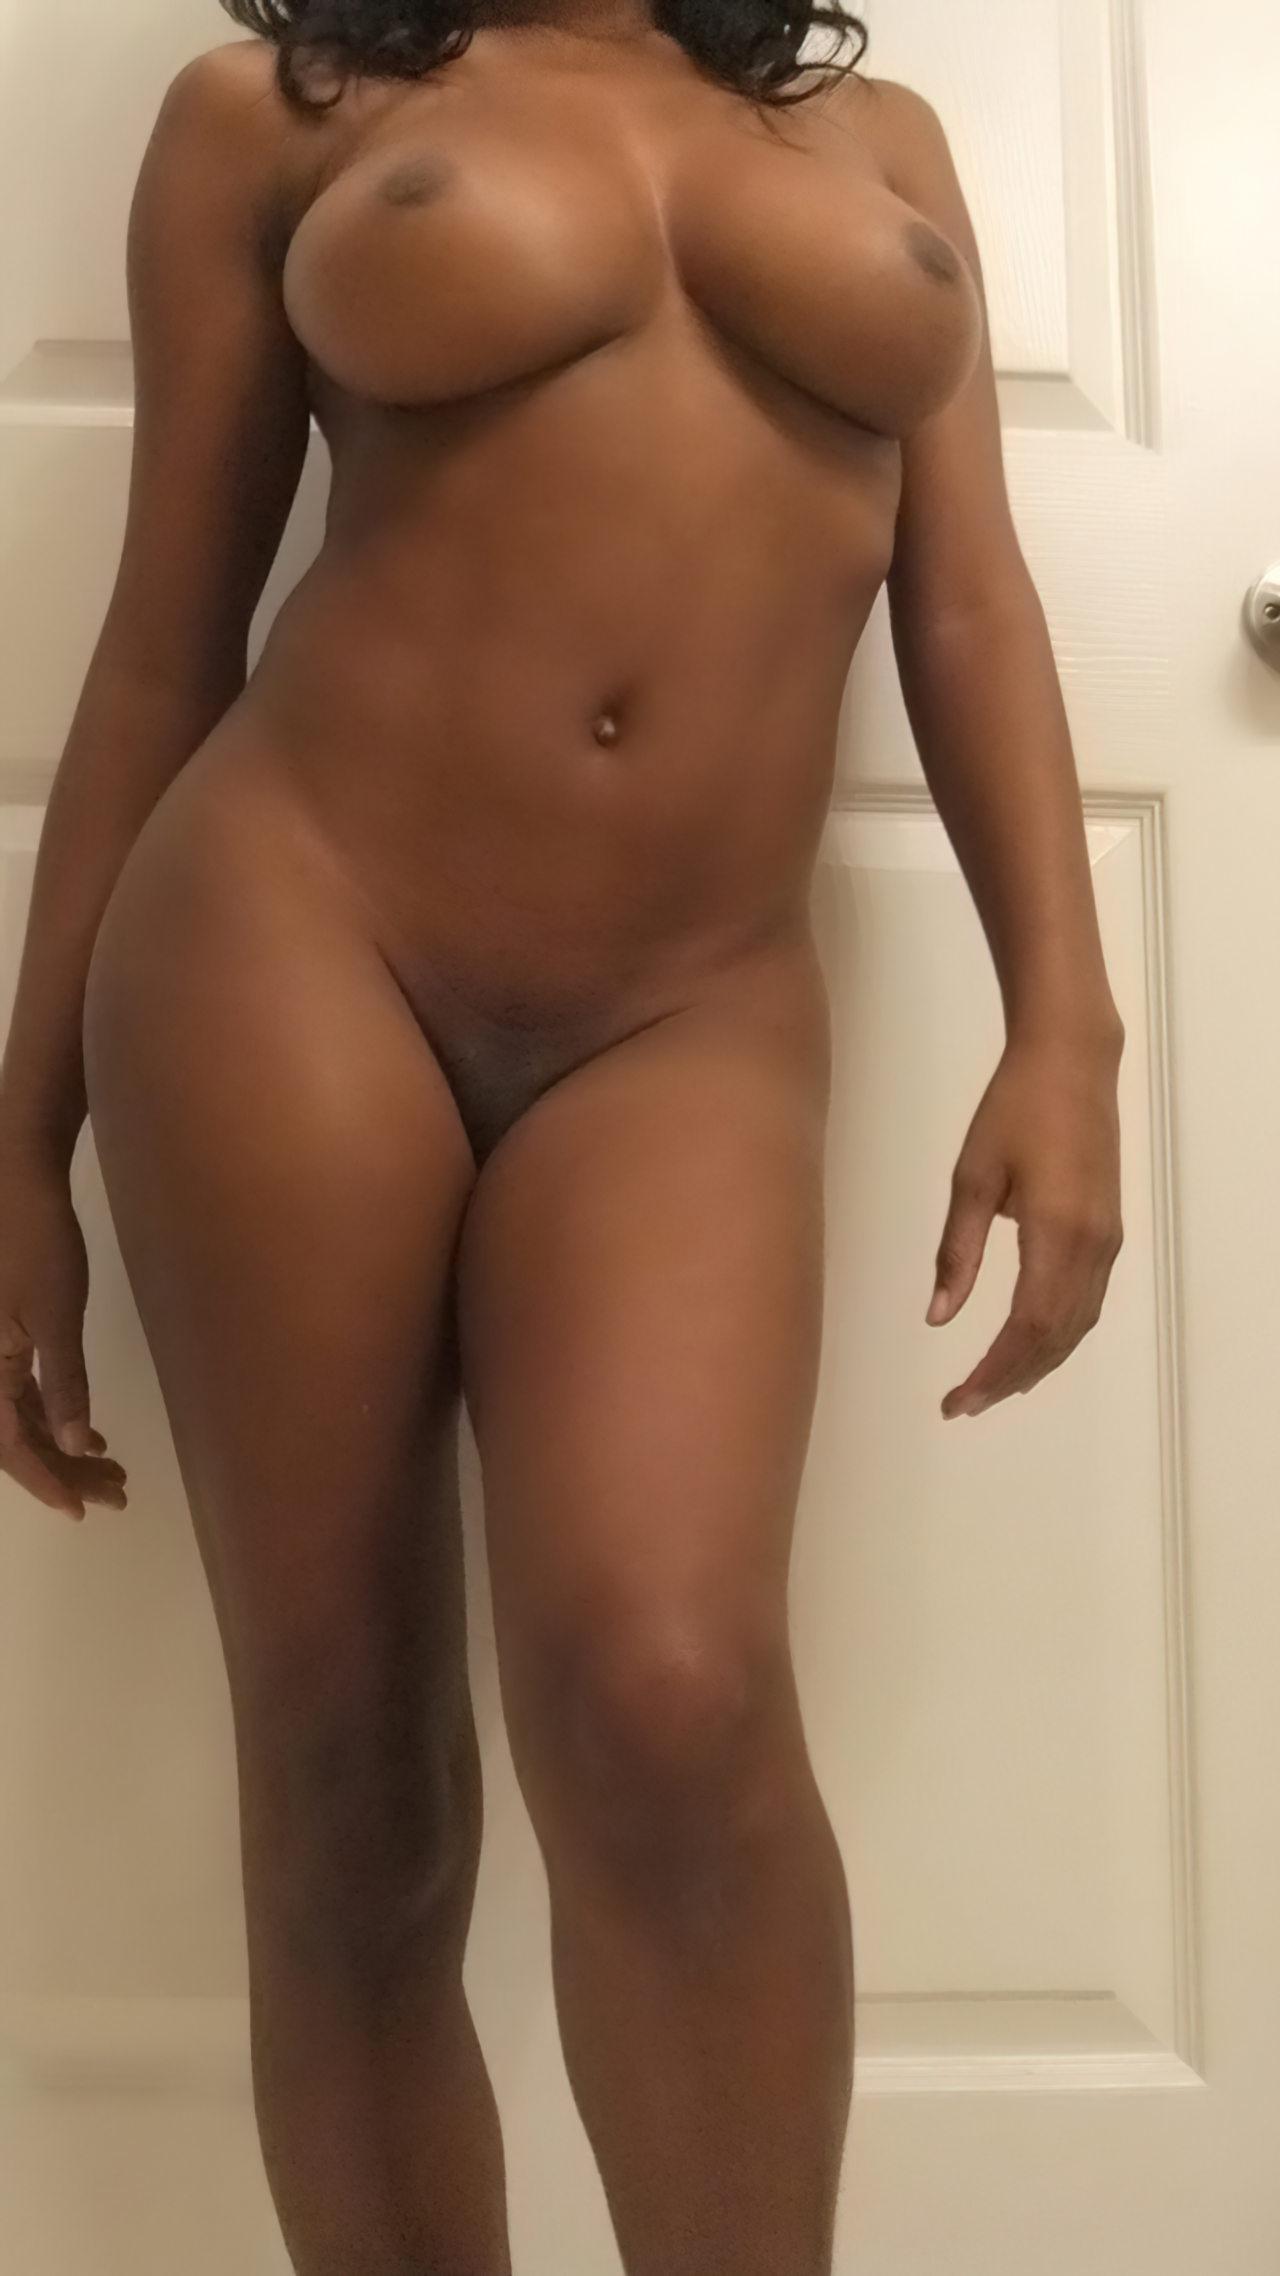 Mulheres Gostosas Nuas (44)